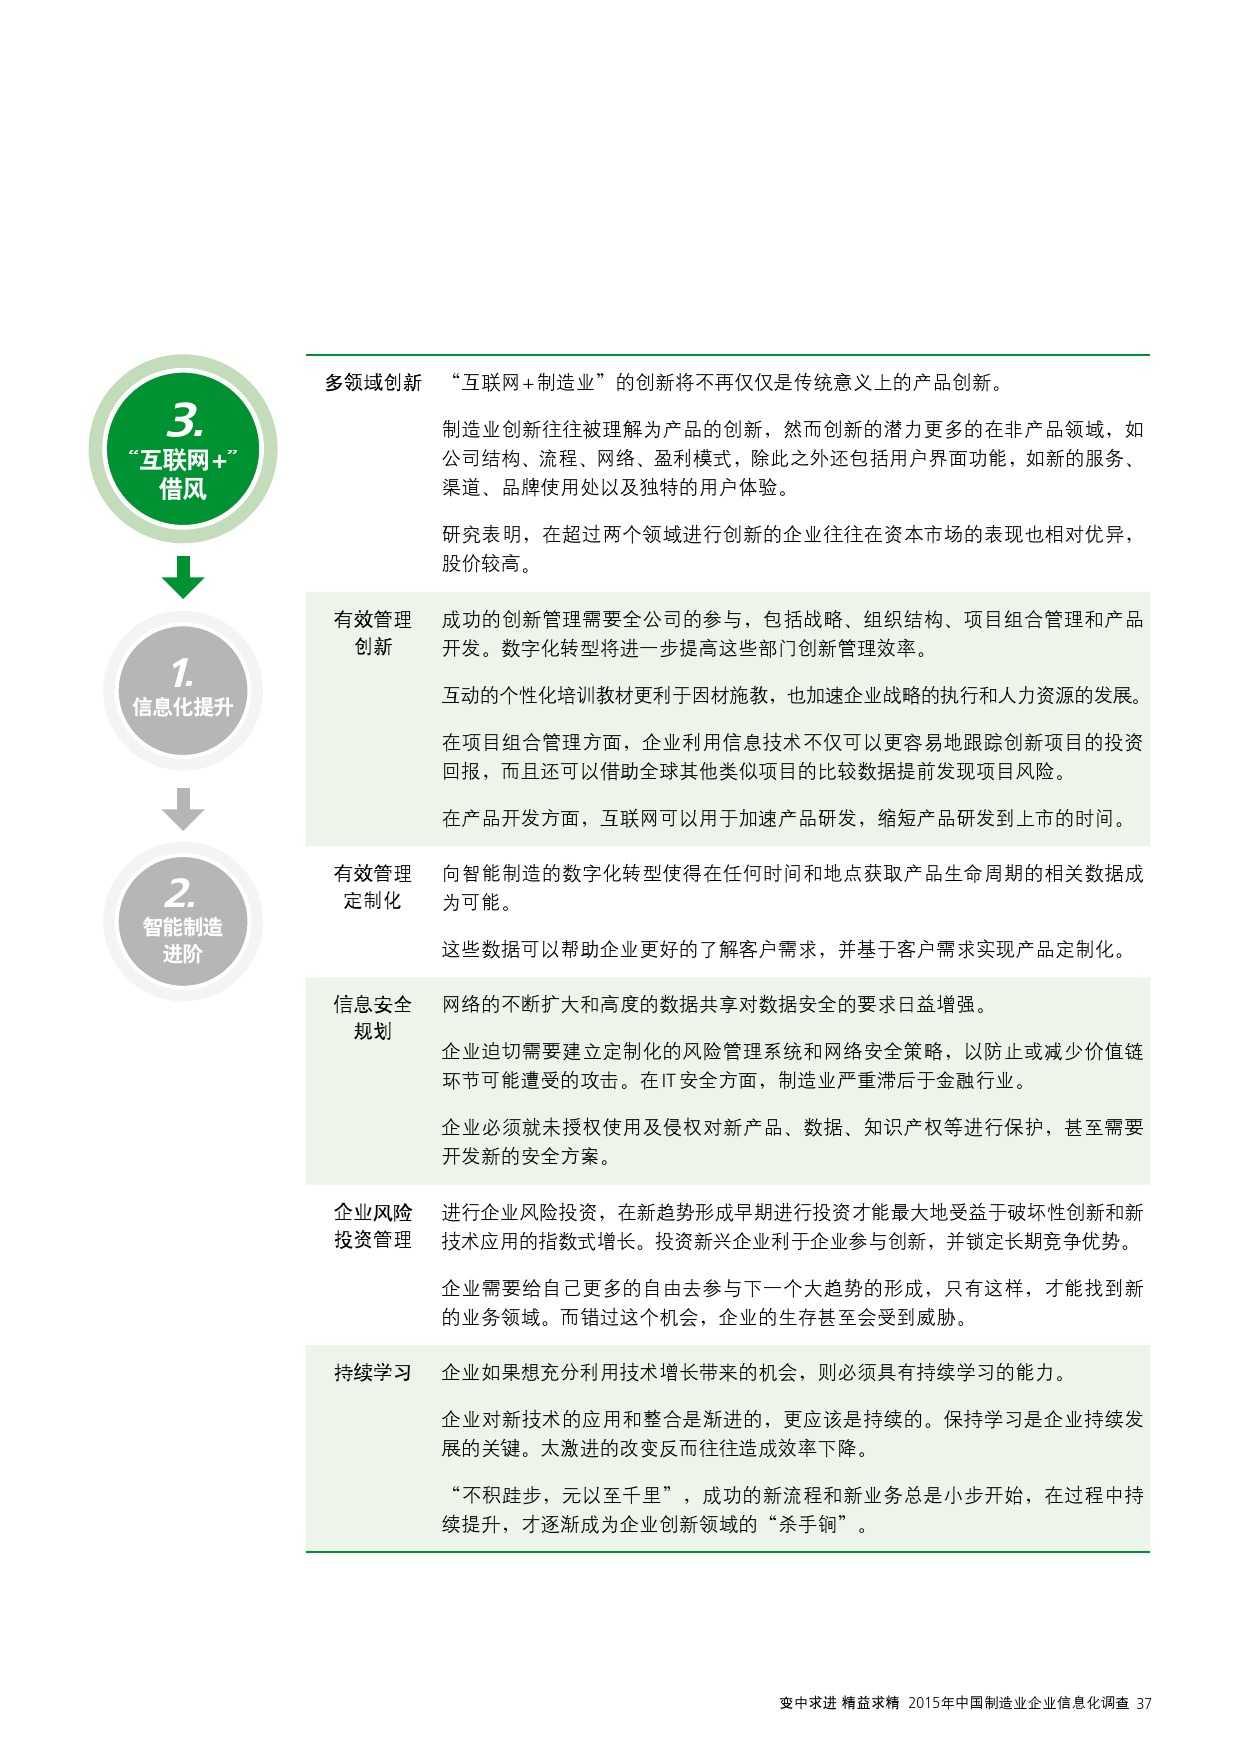 2015年中国制造业企业信息化调查_000039